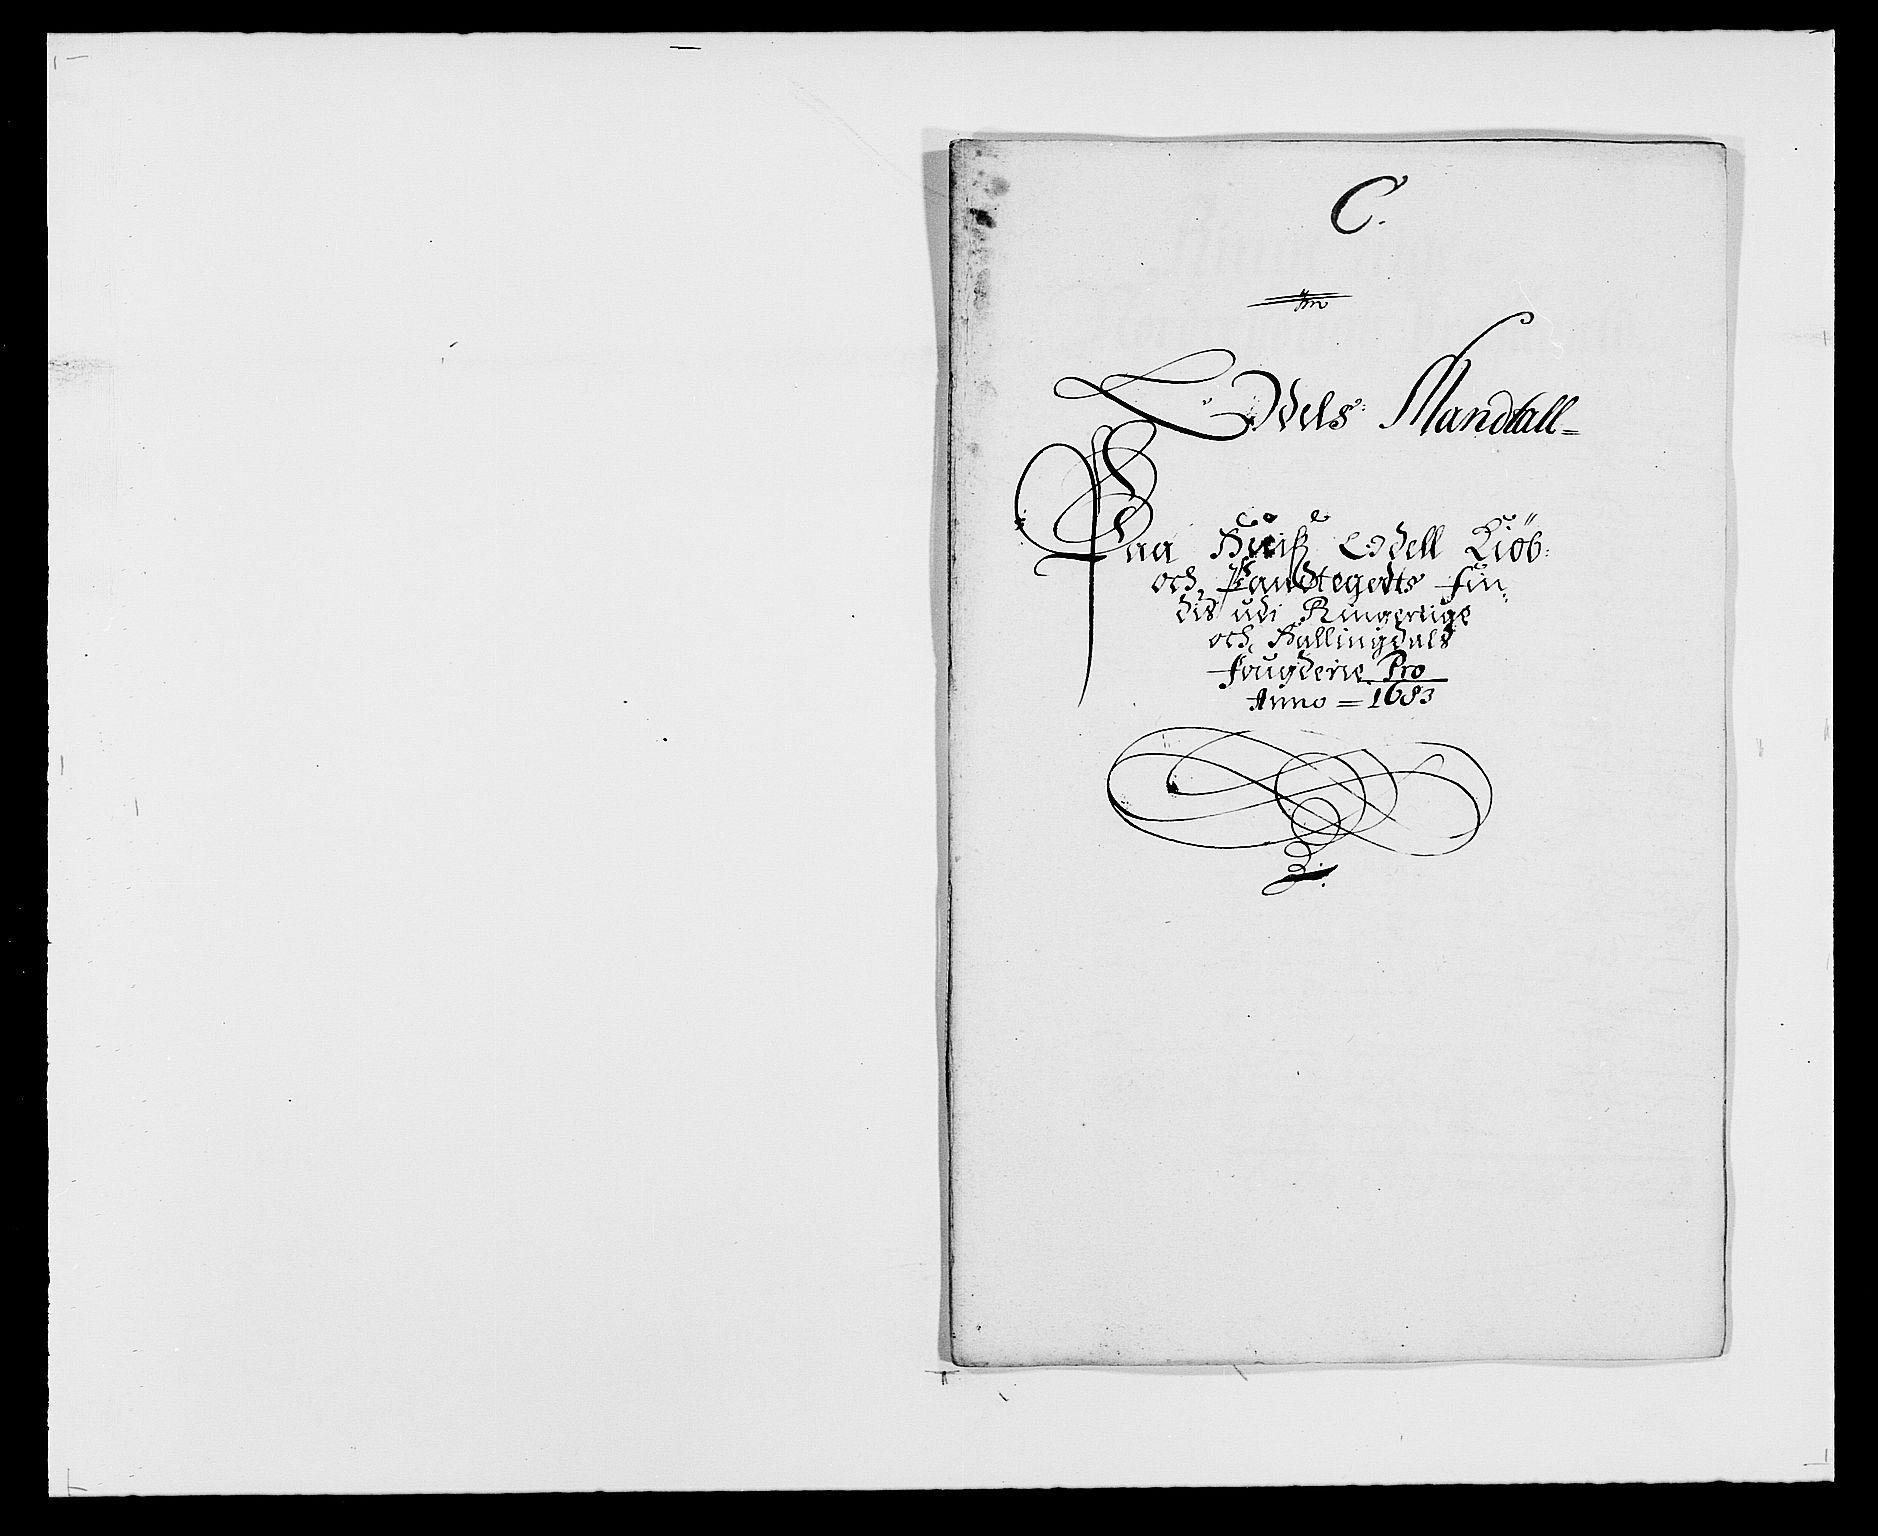 RA, Rentekammeret inntil 1814, Reviderte regnskaper, Fogderegnskap, R21/L1446: Fogderegnskap Ringerike og Hallingdal, 1683-1686, s. 39